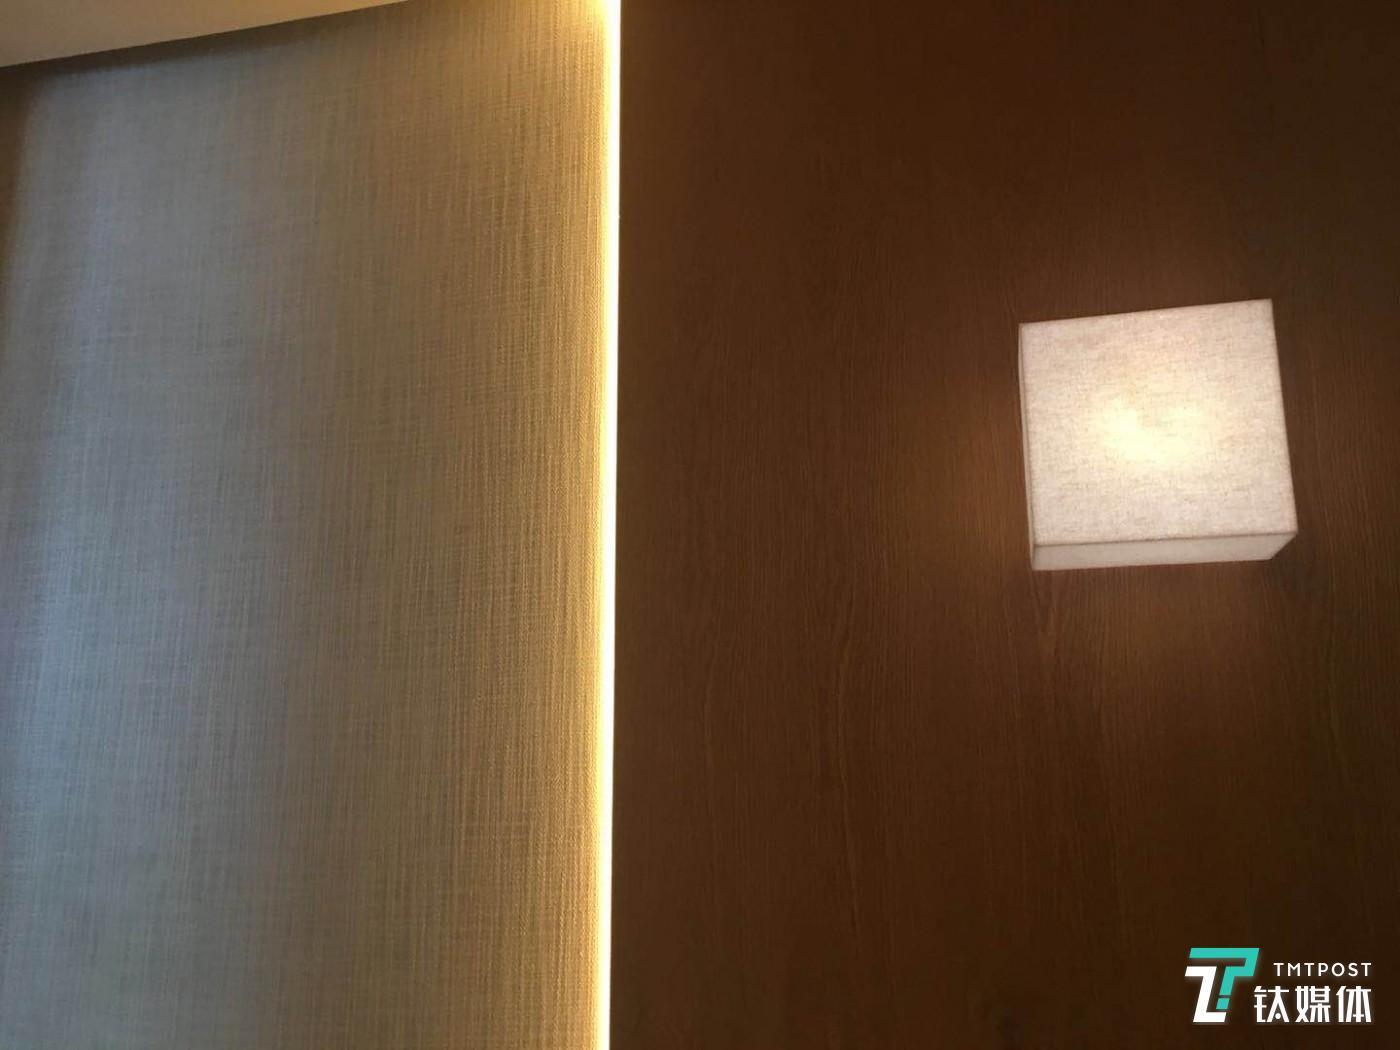 """MUJI 的电梯采用部分木制装潢,这虽然增加了电梯的承重,但可以不让客人感觉到""""冷冰冰"""""""